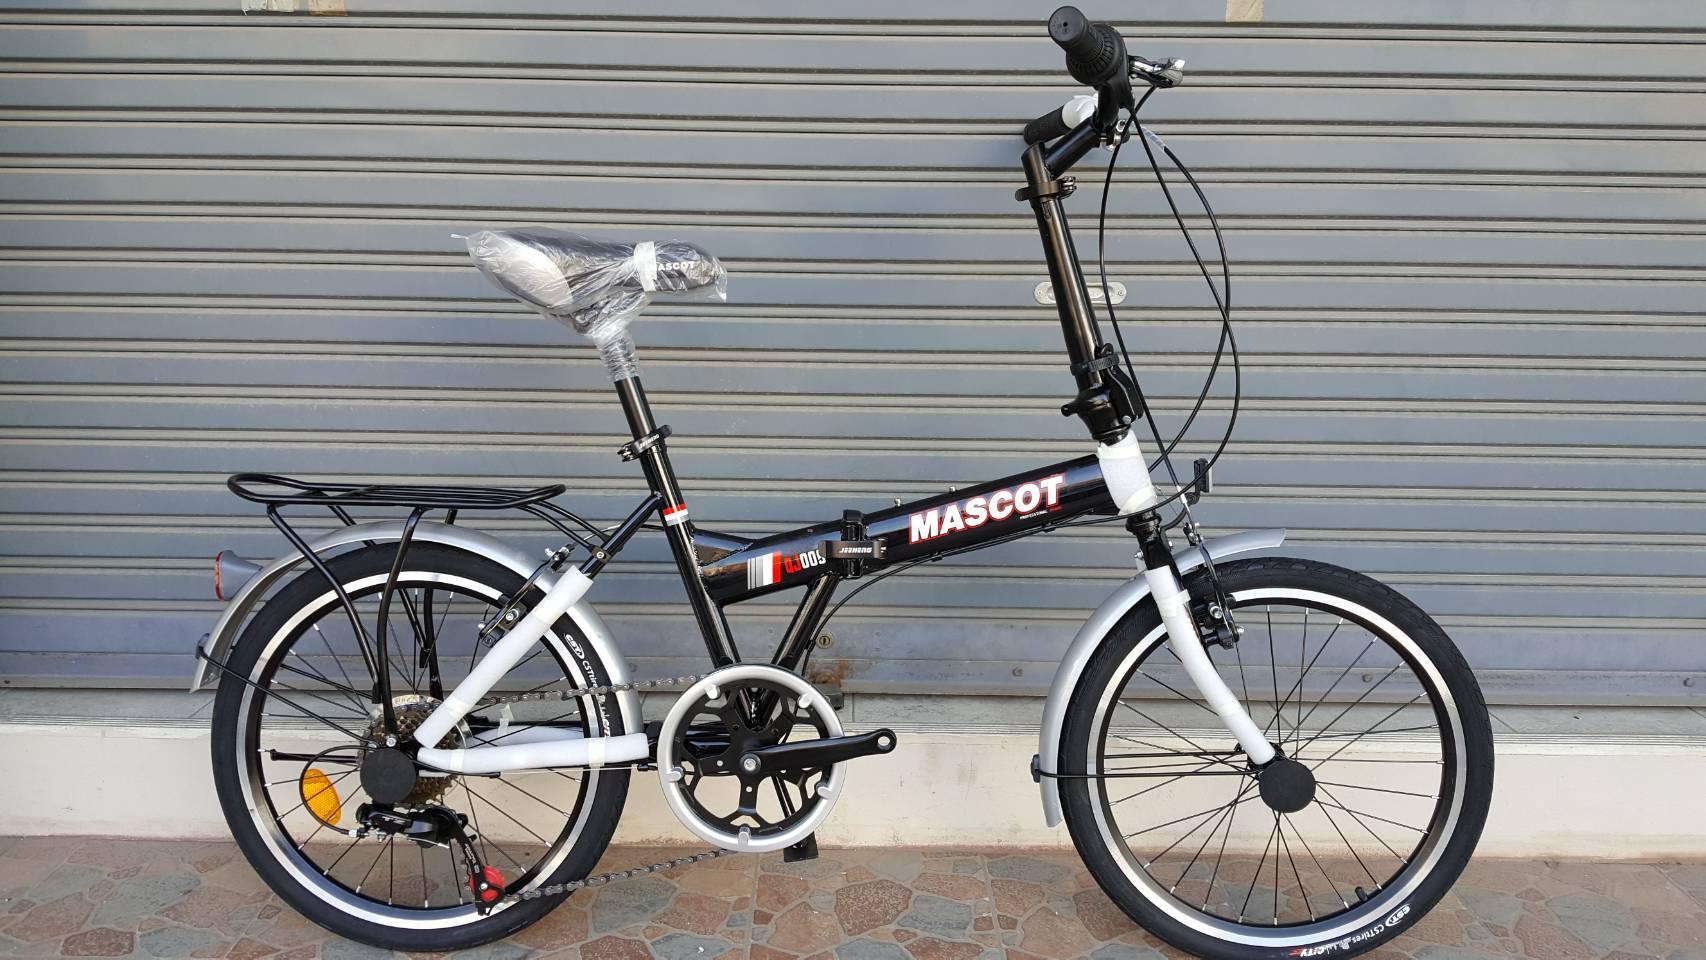 จักรยานพับ Mascot รุ่น QJ009 2018 ล้อขนาด 20 นิ้ว เฟรมเหล็ก Hi-Tensile สีดำ เกียร์ Shimano 6 Speed